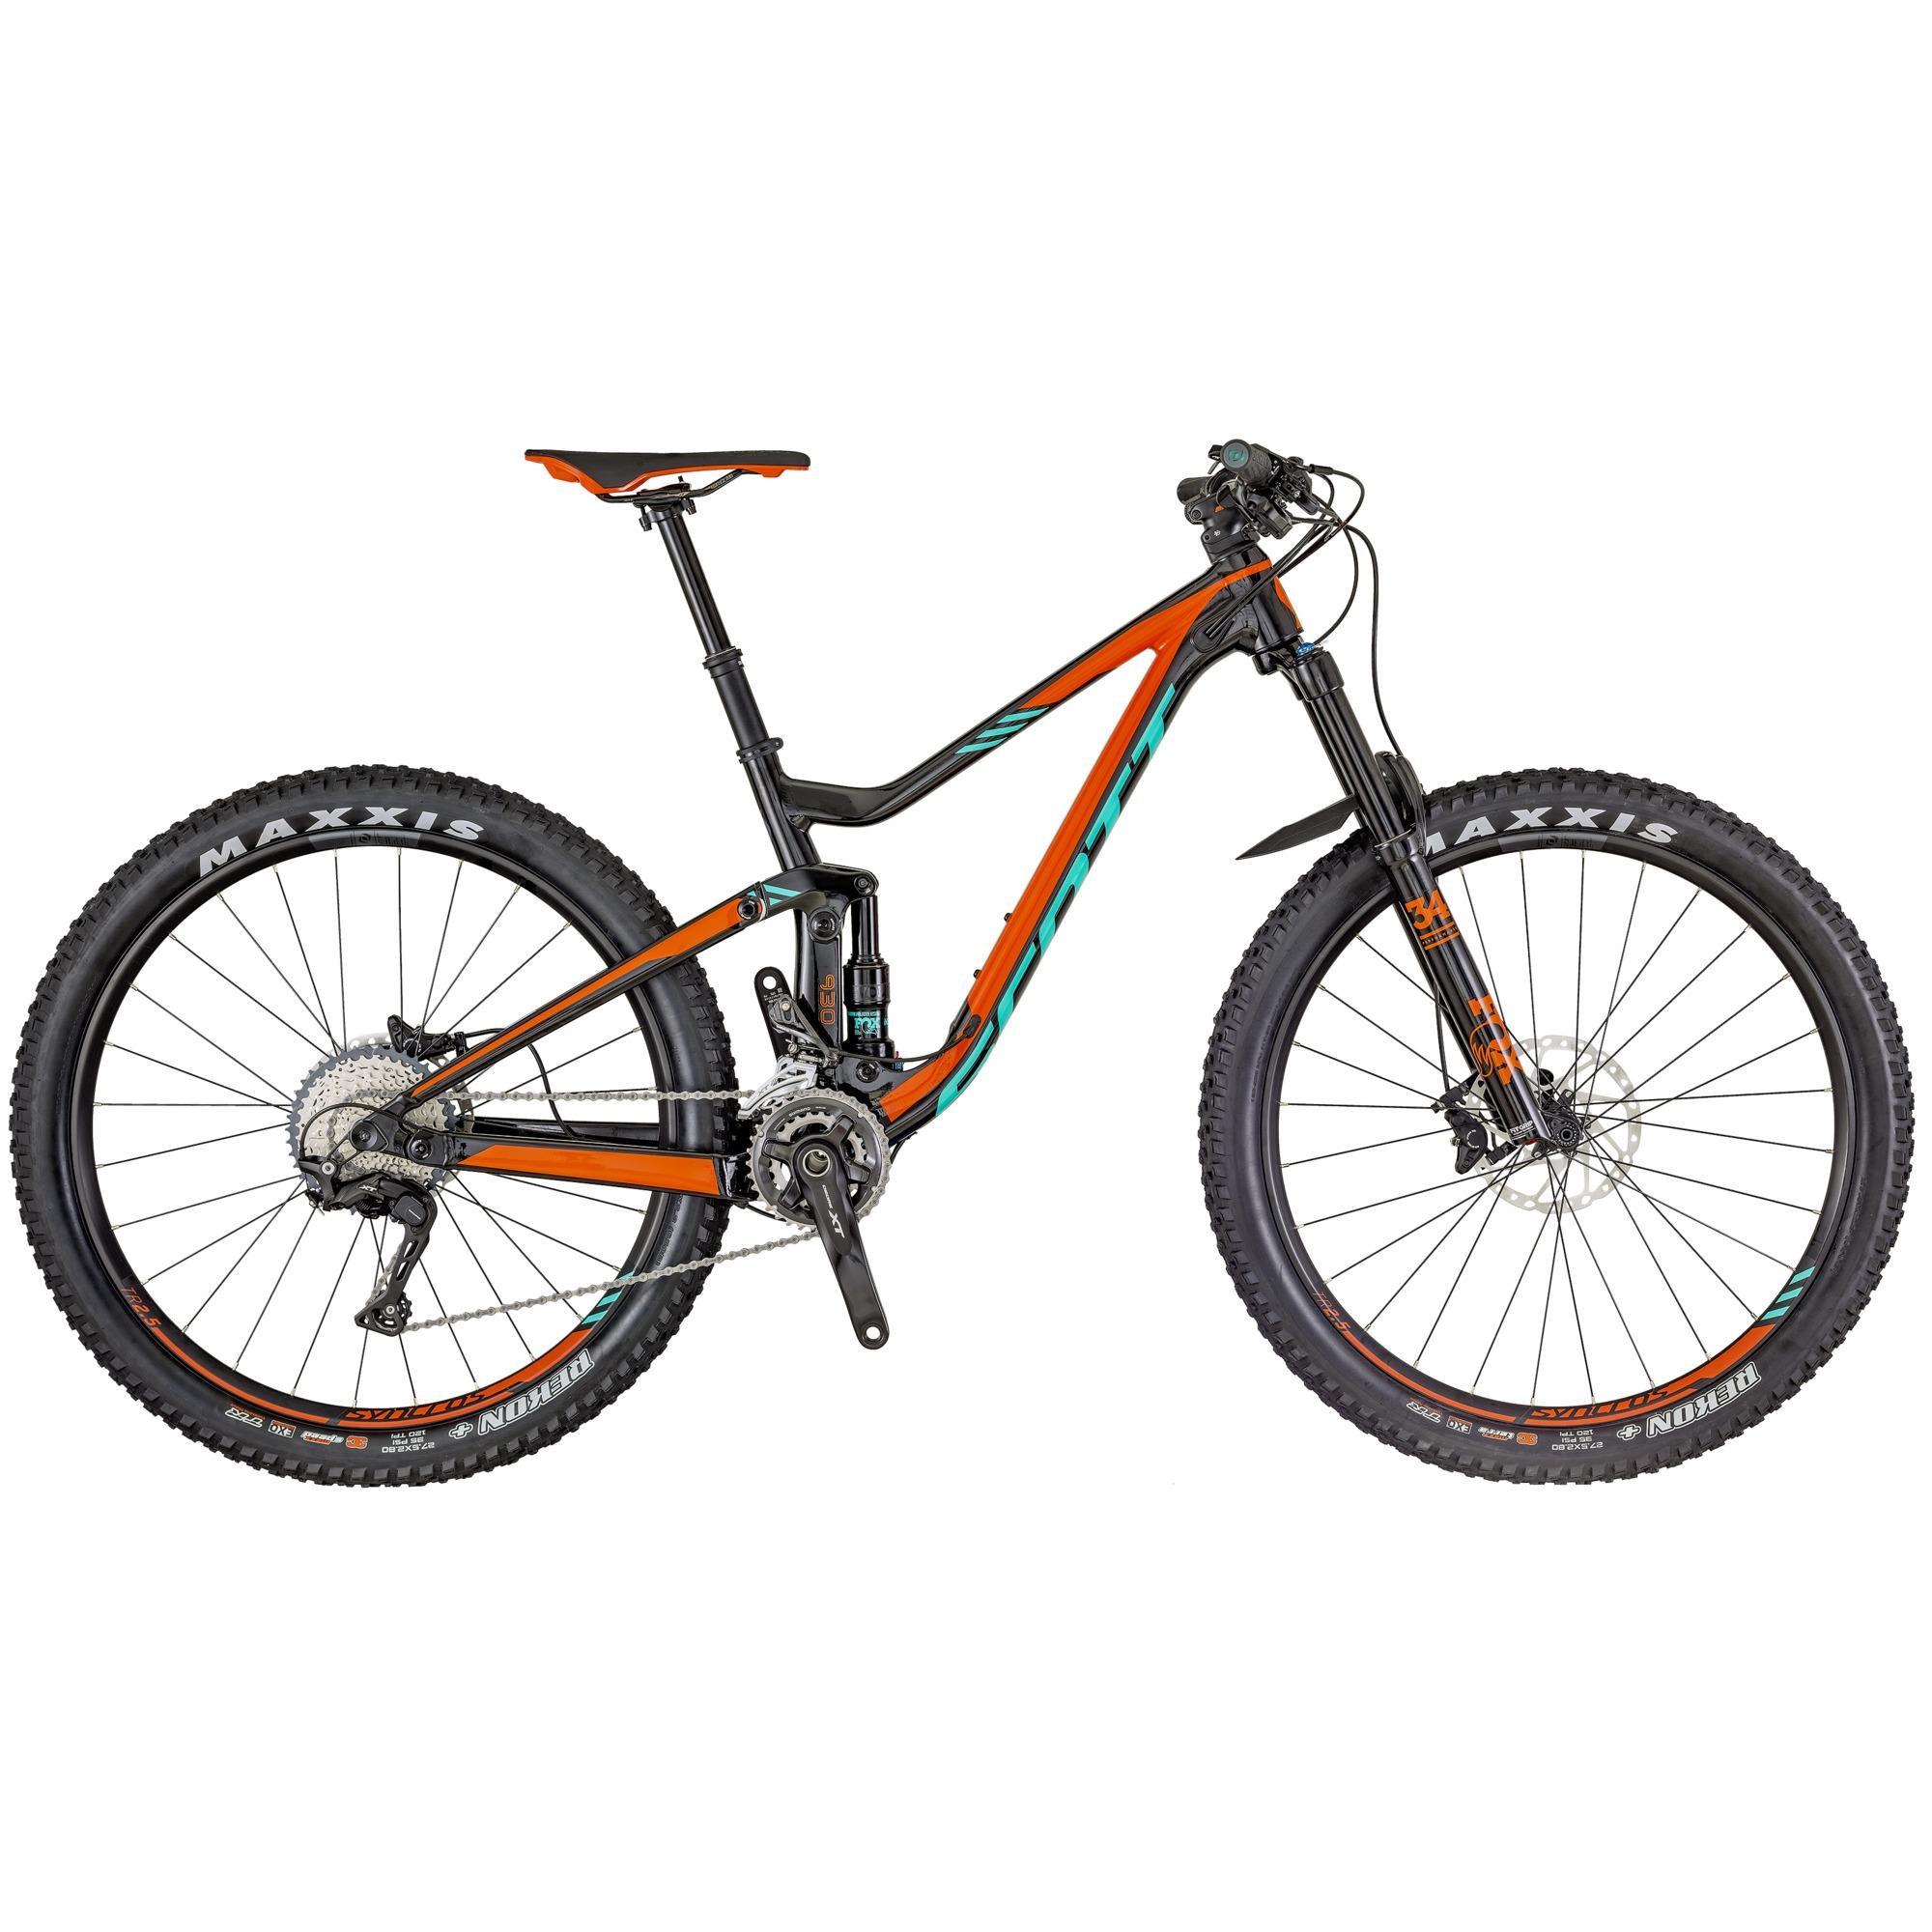 SCOTT Genius 730 Bike L - Rad & Dämpferklinik GmbH